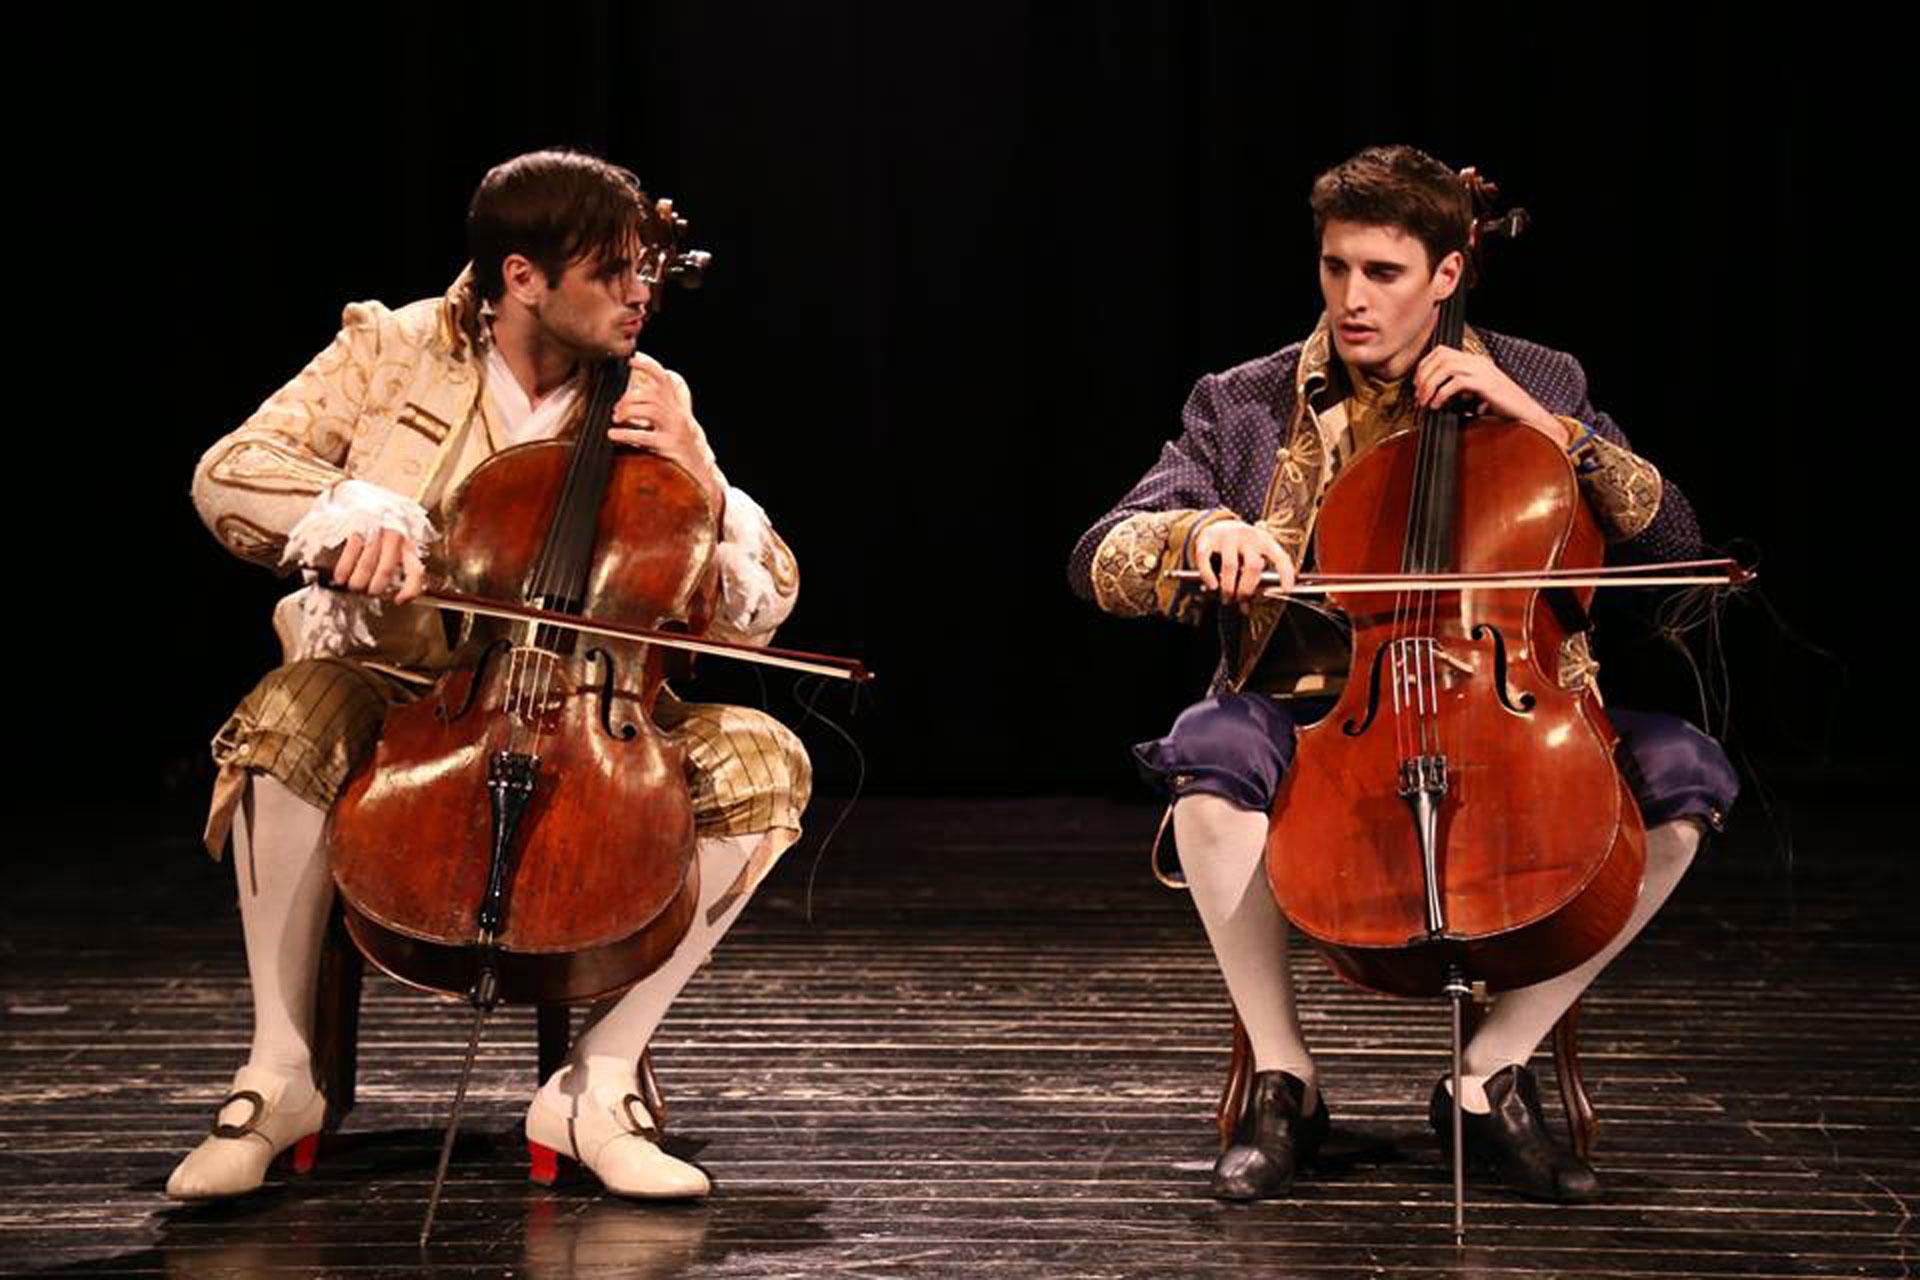 2CELLOS - Violončelisti iz Hrvatske uživaju globalnu popularnost i poznati su po svojim virtuoznim interpretacijama poznatih svjetskih pop i rock hitova.